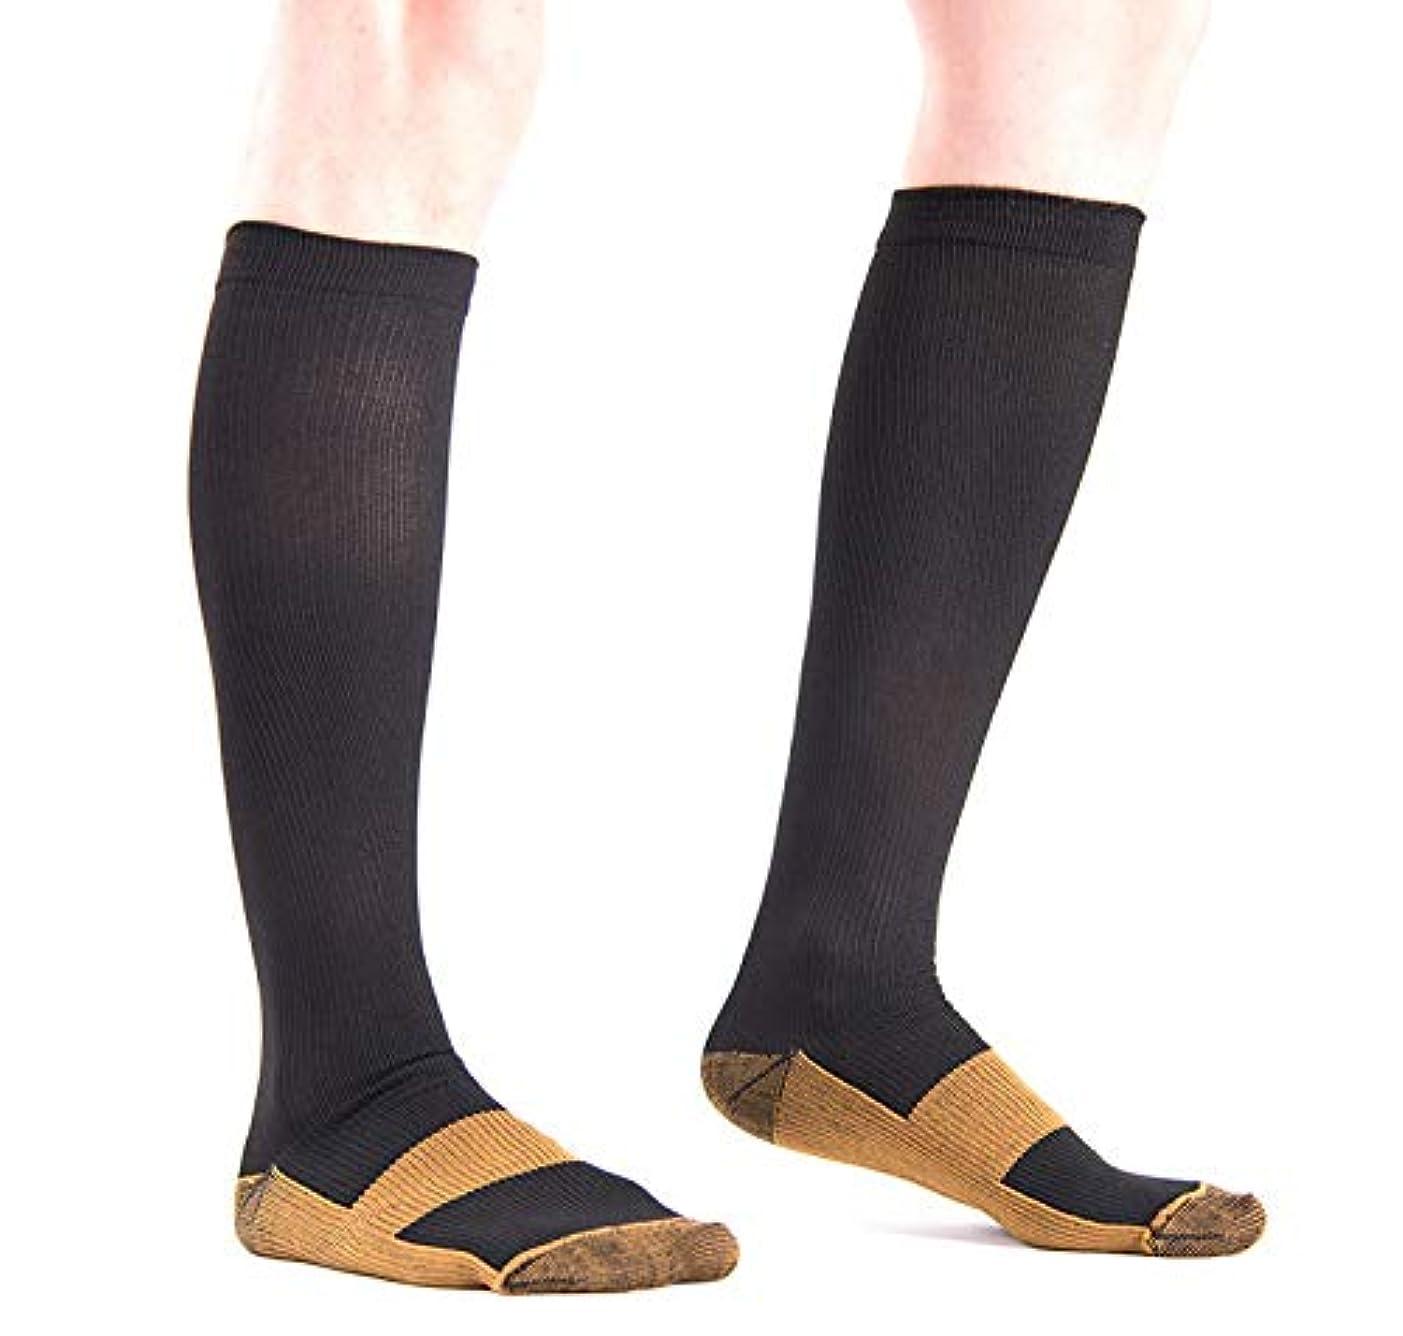 状況翻訳有能な着圧ソックス 銅圧縮 コンプレッションソックス 膝下 抗疲労 男女兼用ユニセックス (S/M, ブラック)